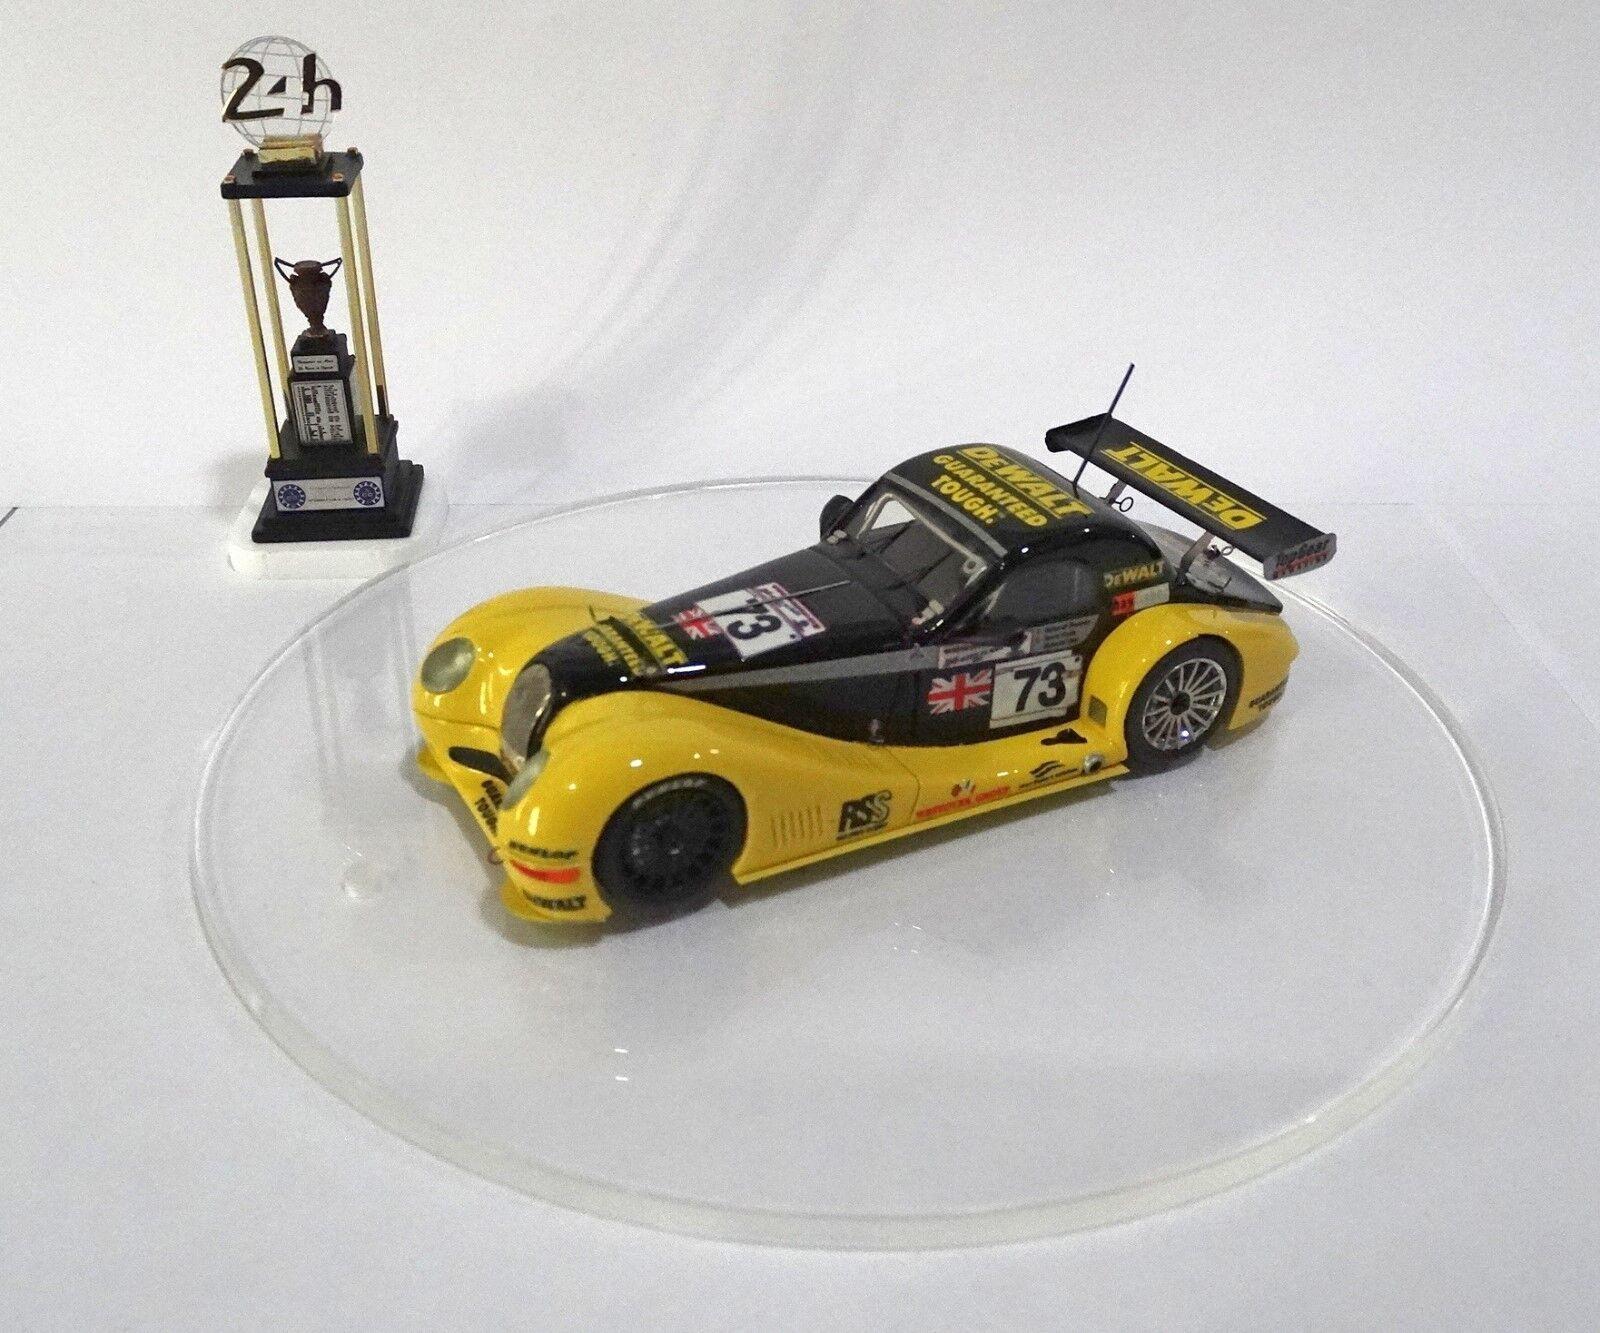 MORGAN AERO 8 GT DE WALT  73 Le Mans 2002 TOP Built Monté Kit 1/43 no spark